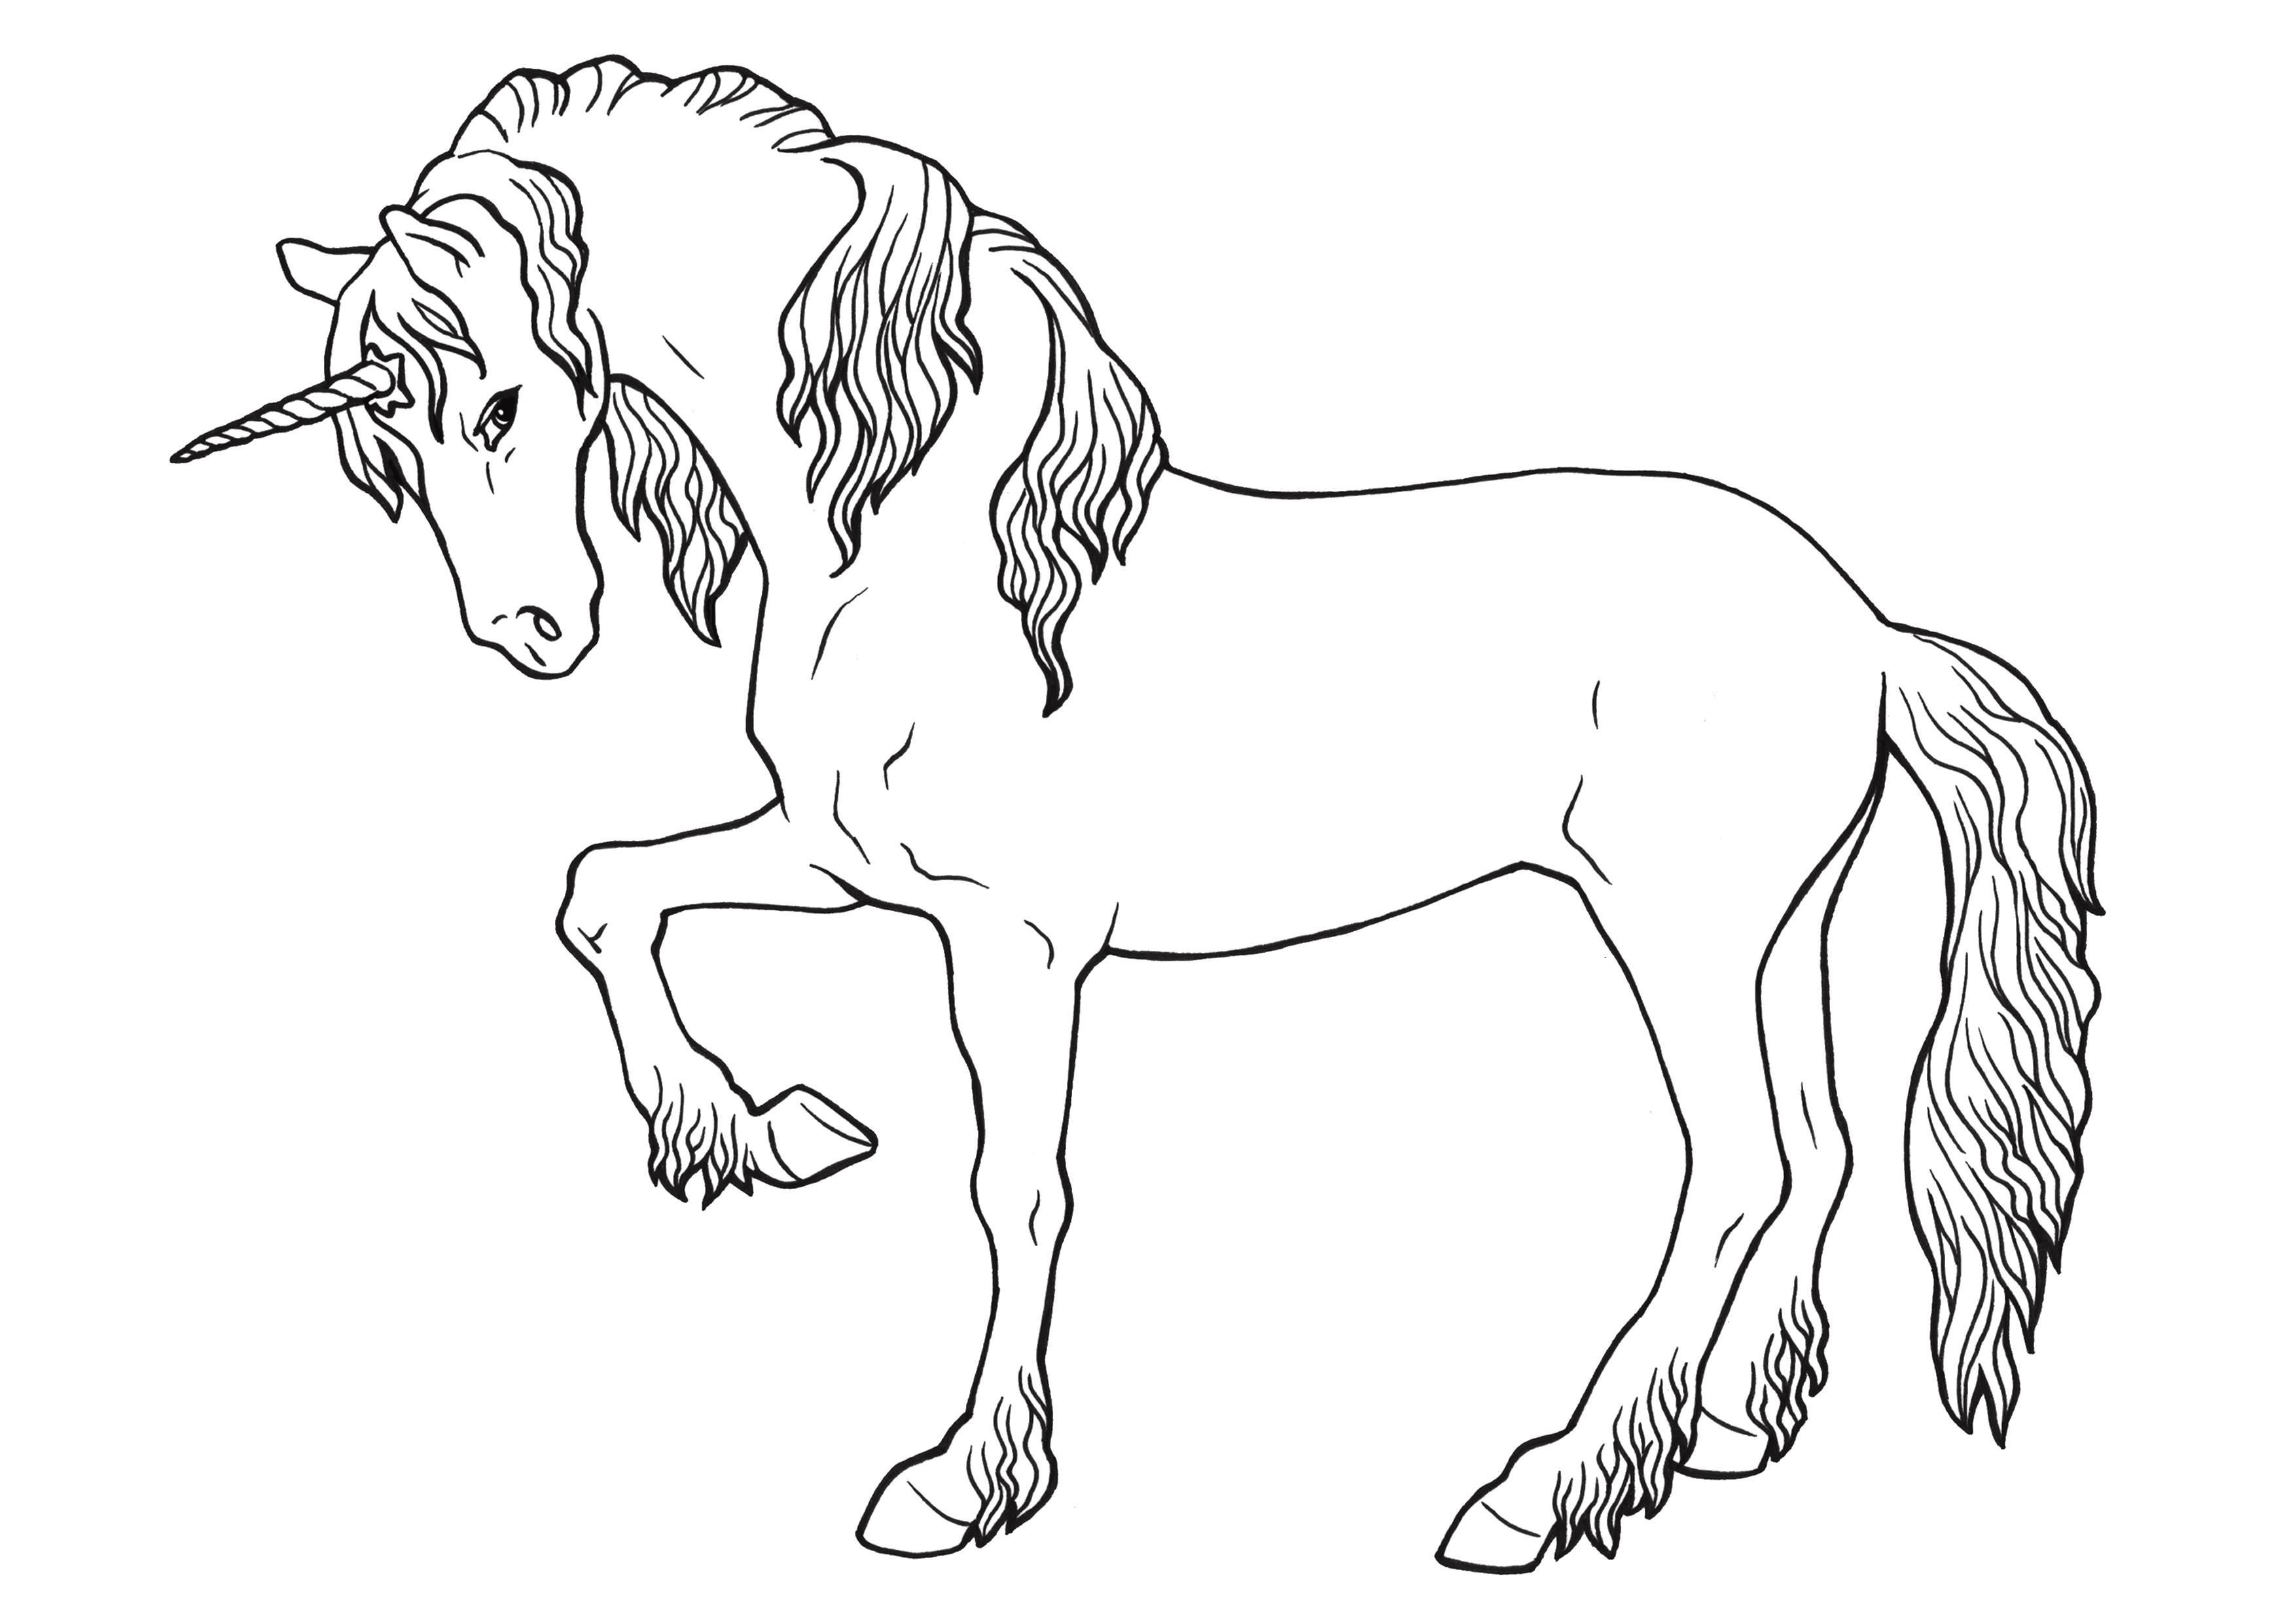 Ausmalbild Prinzessin Einhorn Das Beste Von 25 Genial Ausmalbilder Prinzessin Und Einhorn Das Bild